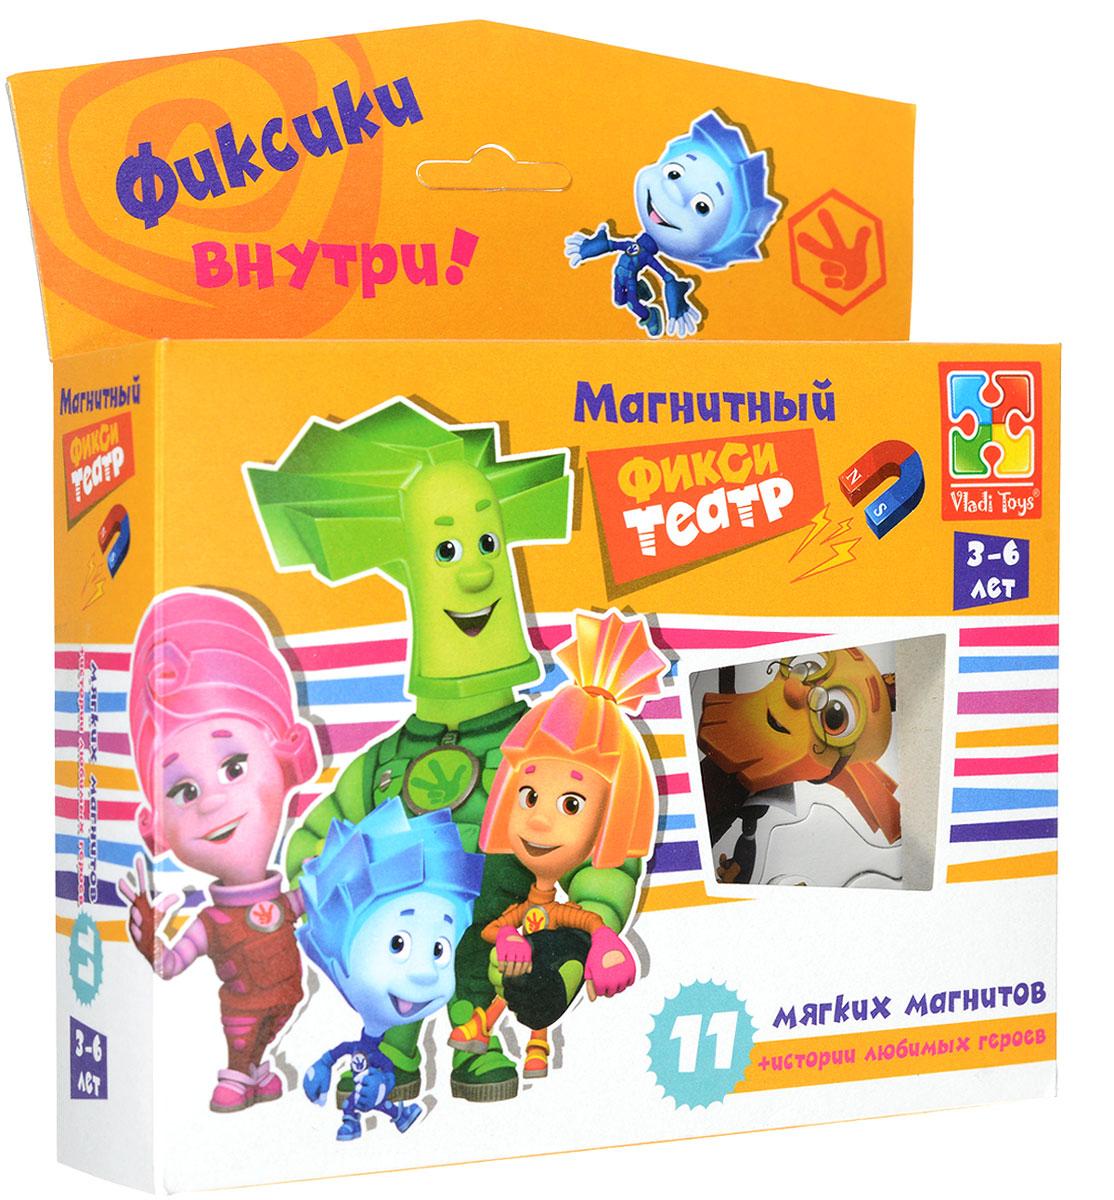 Vladi Toys Магнитный кукольный театр Фиксики VT3206-19VT3206-19Магнитный кукольный театр Vladi Toys Фиксики - это прекрасная возможность для малыша творить и создавать свои собственные сюжеты! Любимый мультик на холодильнике - что может быть интереснее и удобнее! Поставить настоящий спектакль дома теперь легко и просто! Магнитному театру не нужна большая сцена и огромные декорации - играть можно просто на холодильнике или на магнитном планшете. В такой сюжетно-ролевой игре проявляется характер и творческое самовыражение ребенка. В игру входят персонажи и декорации. Все элементы - мягкие и толстенькие, такими магнитами удобно пользоваться. Также в состав игры входят истории любимых героев.